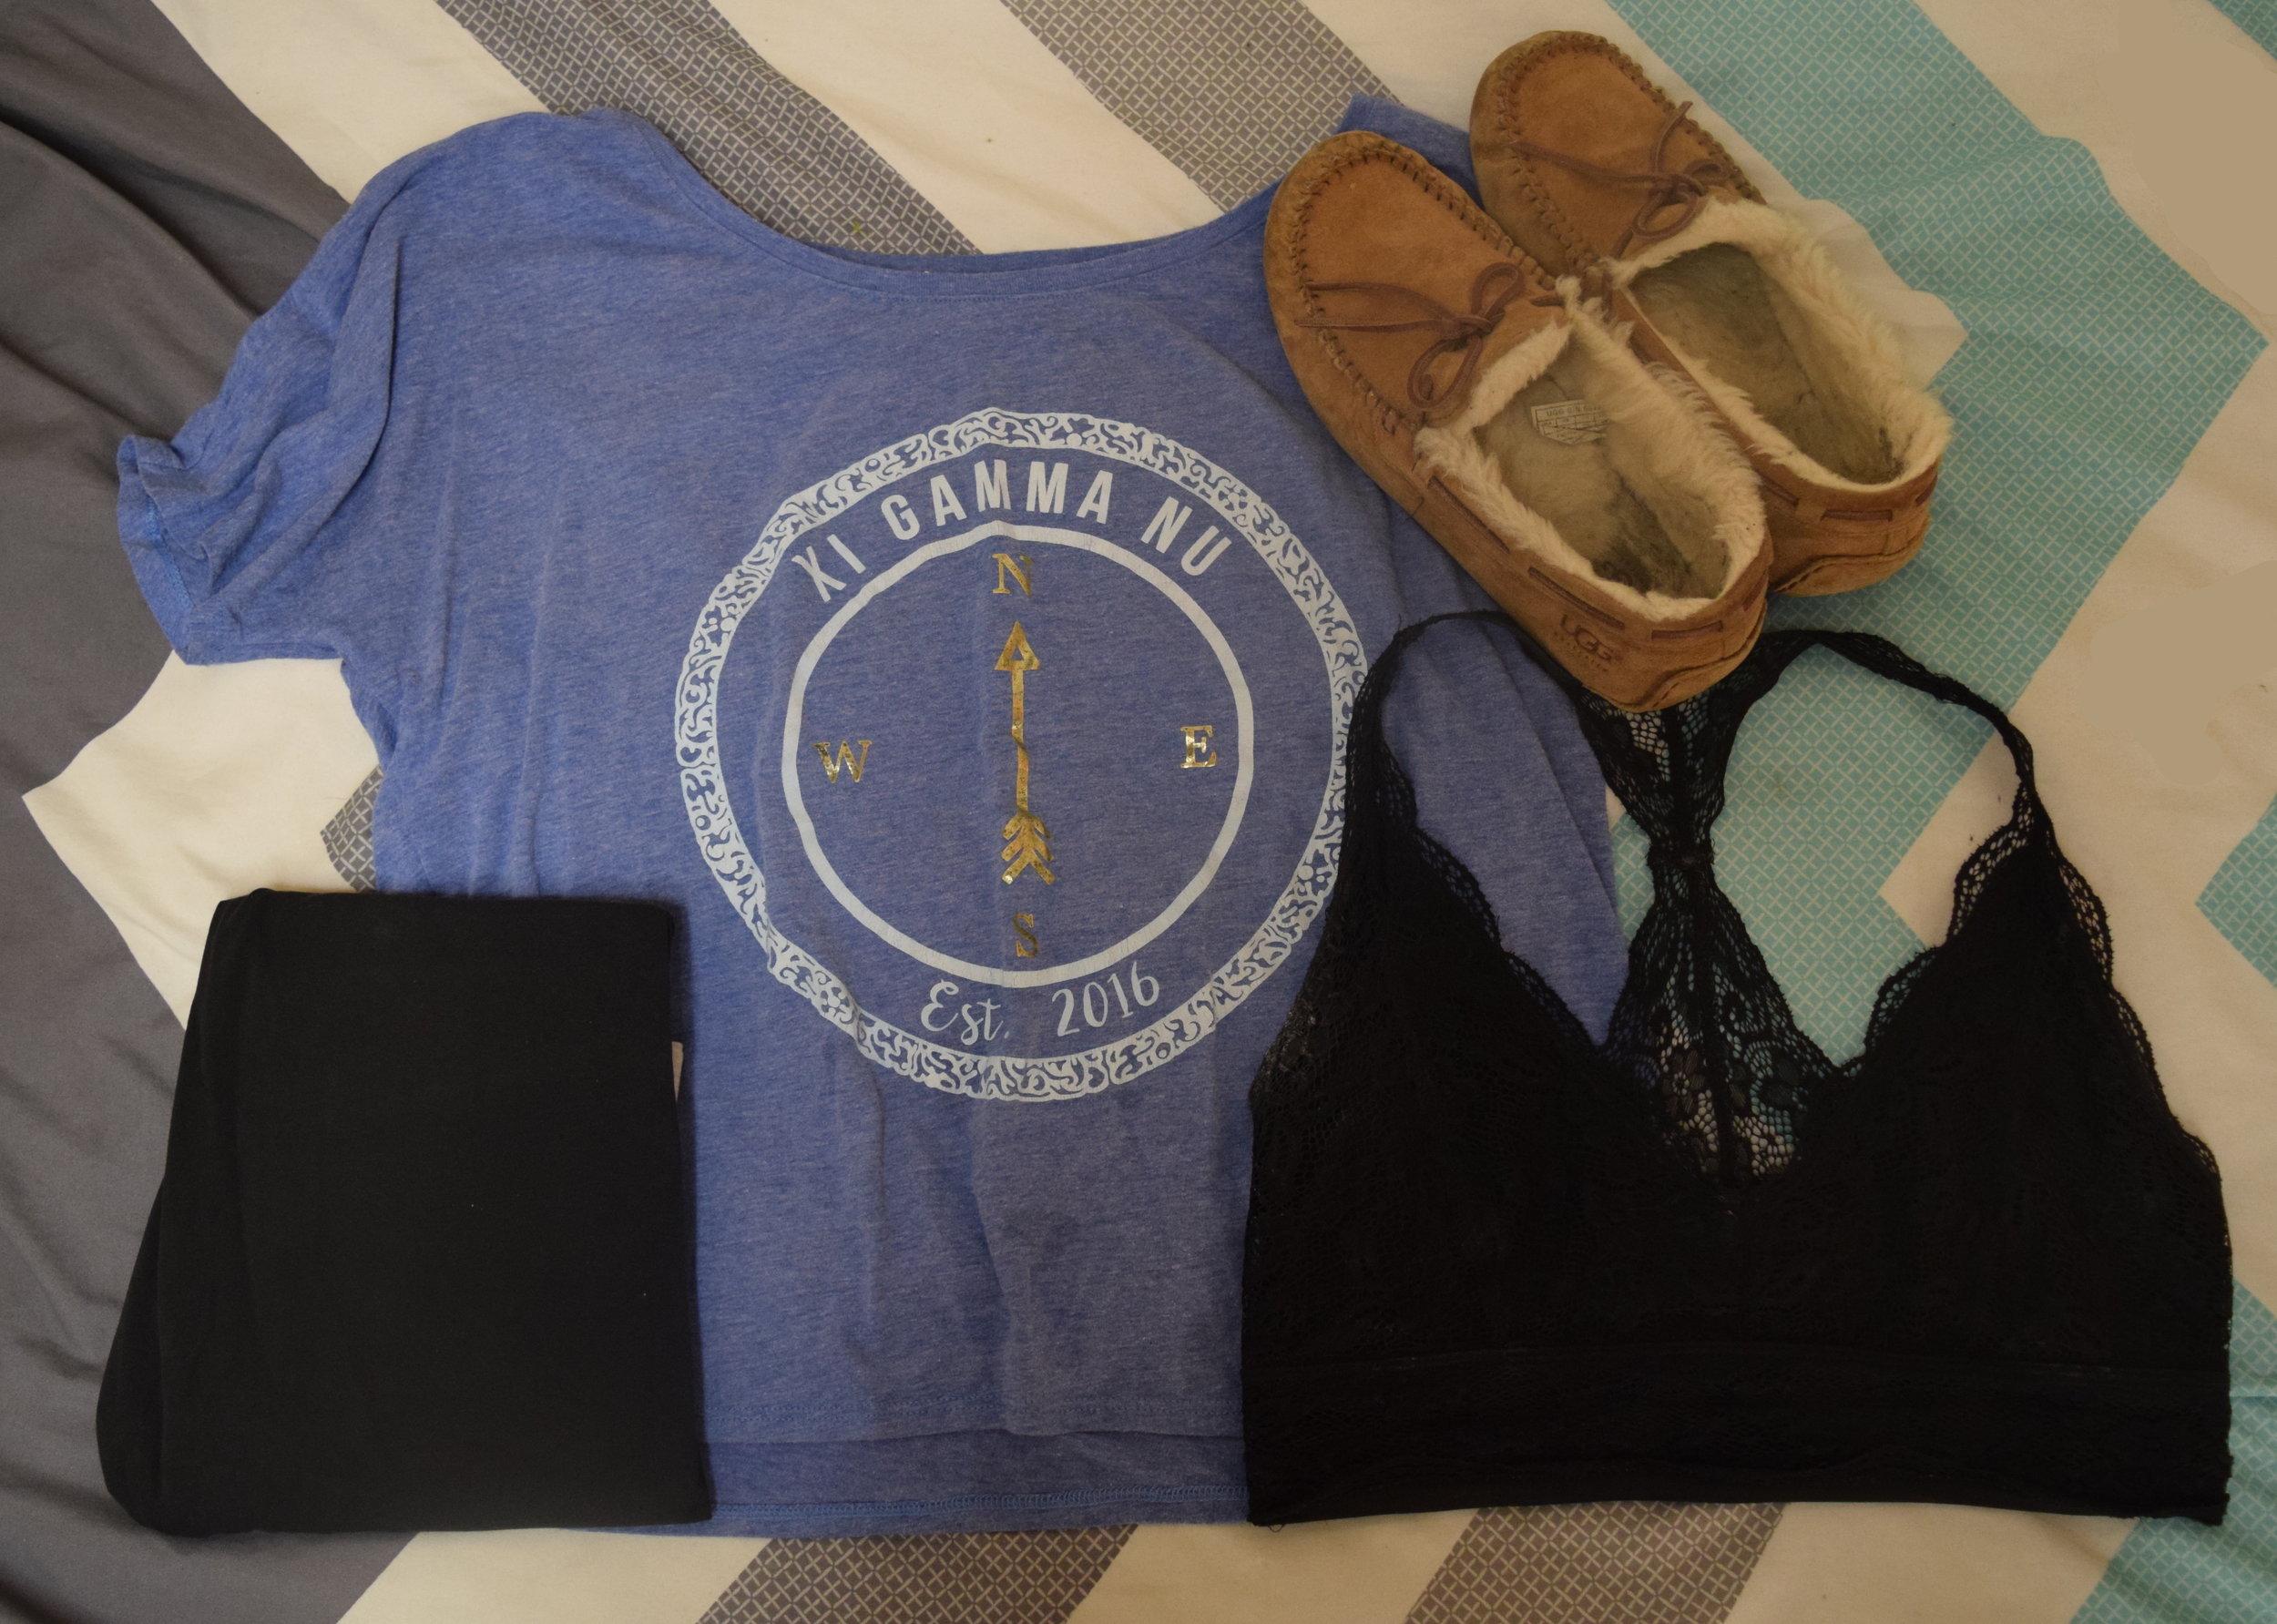 Shirt (Gamma exclusive, bbs).  Leggings  (similar).  Moccasins .  Bralette .